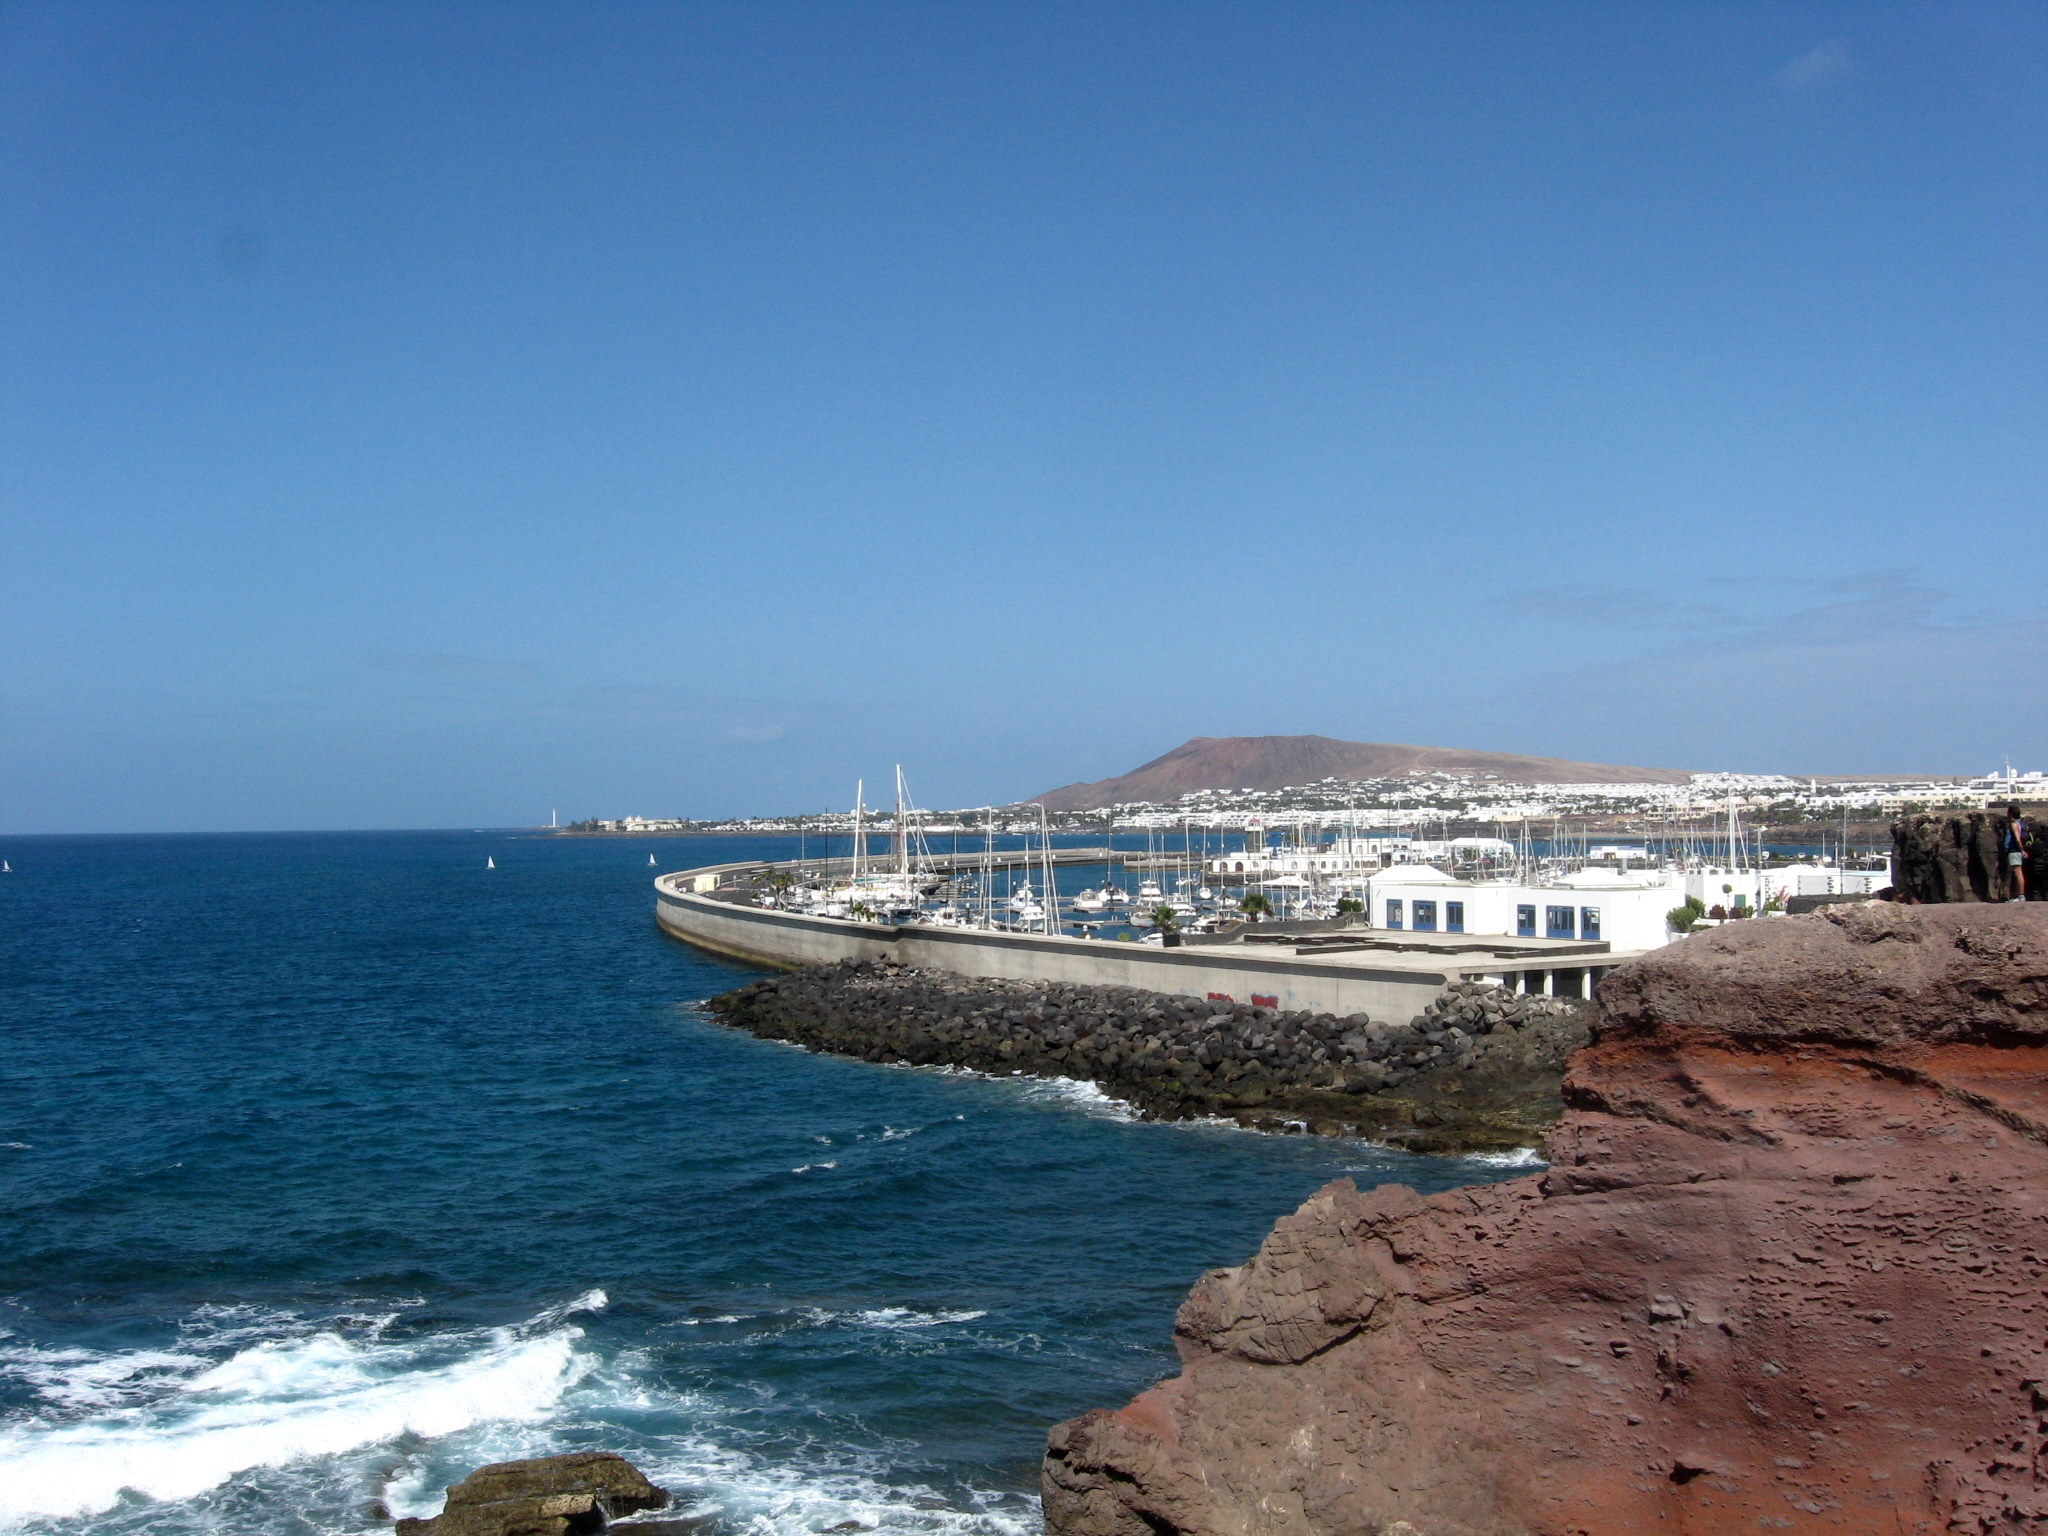 Familienurlaub an der Playa Blanca. Lanzarote. staedtereisen sonne familie europa  IMG 2549